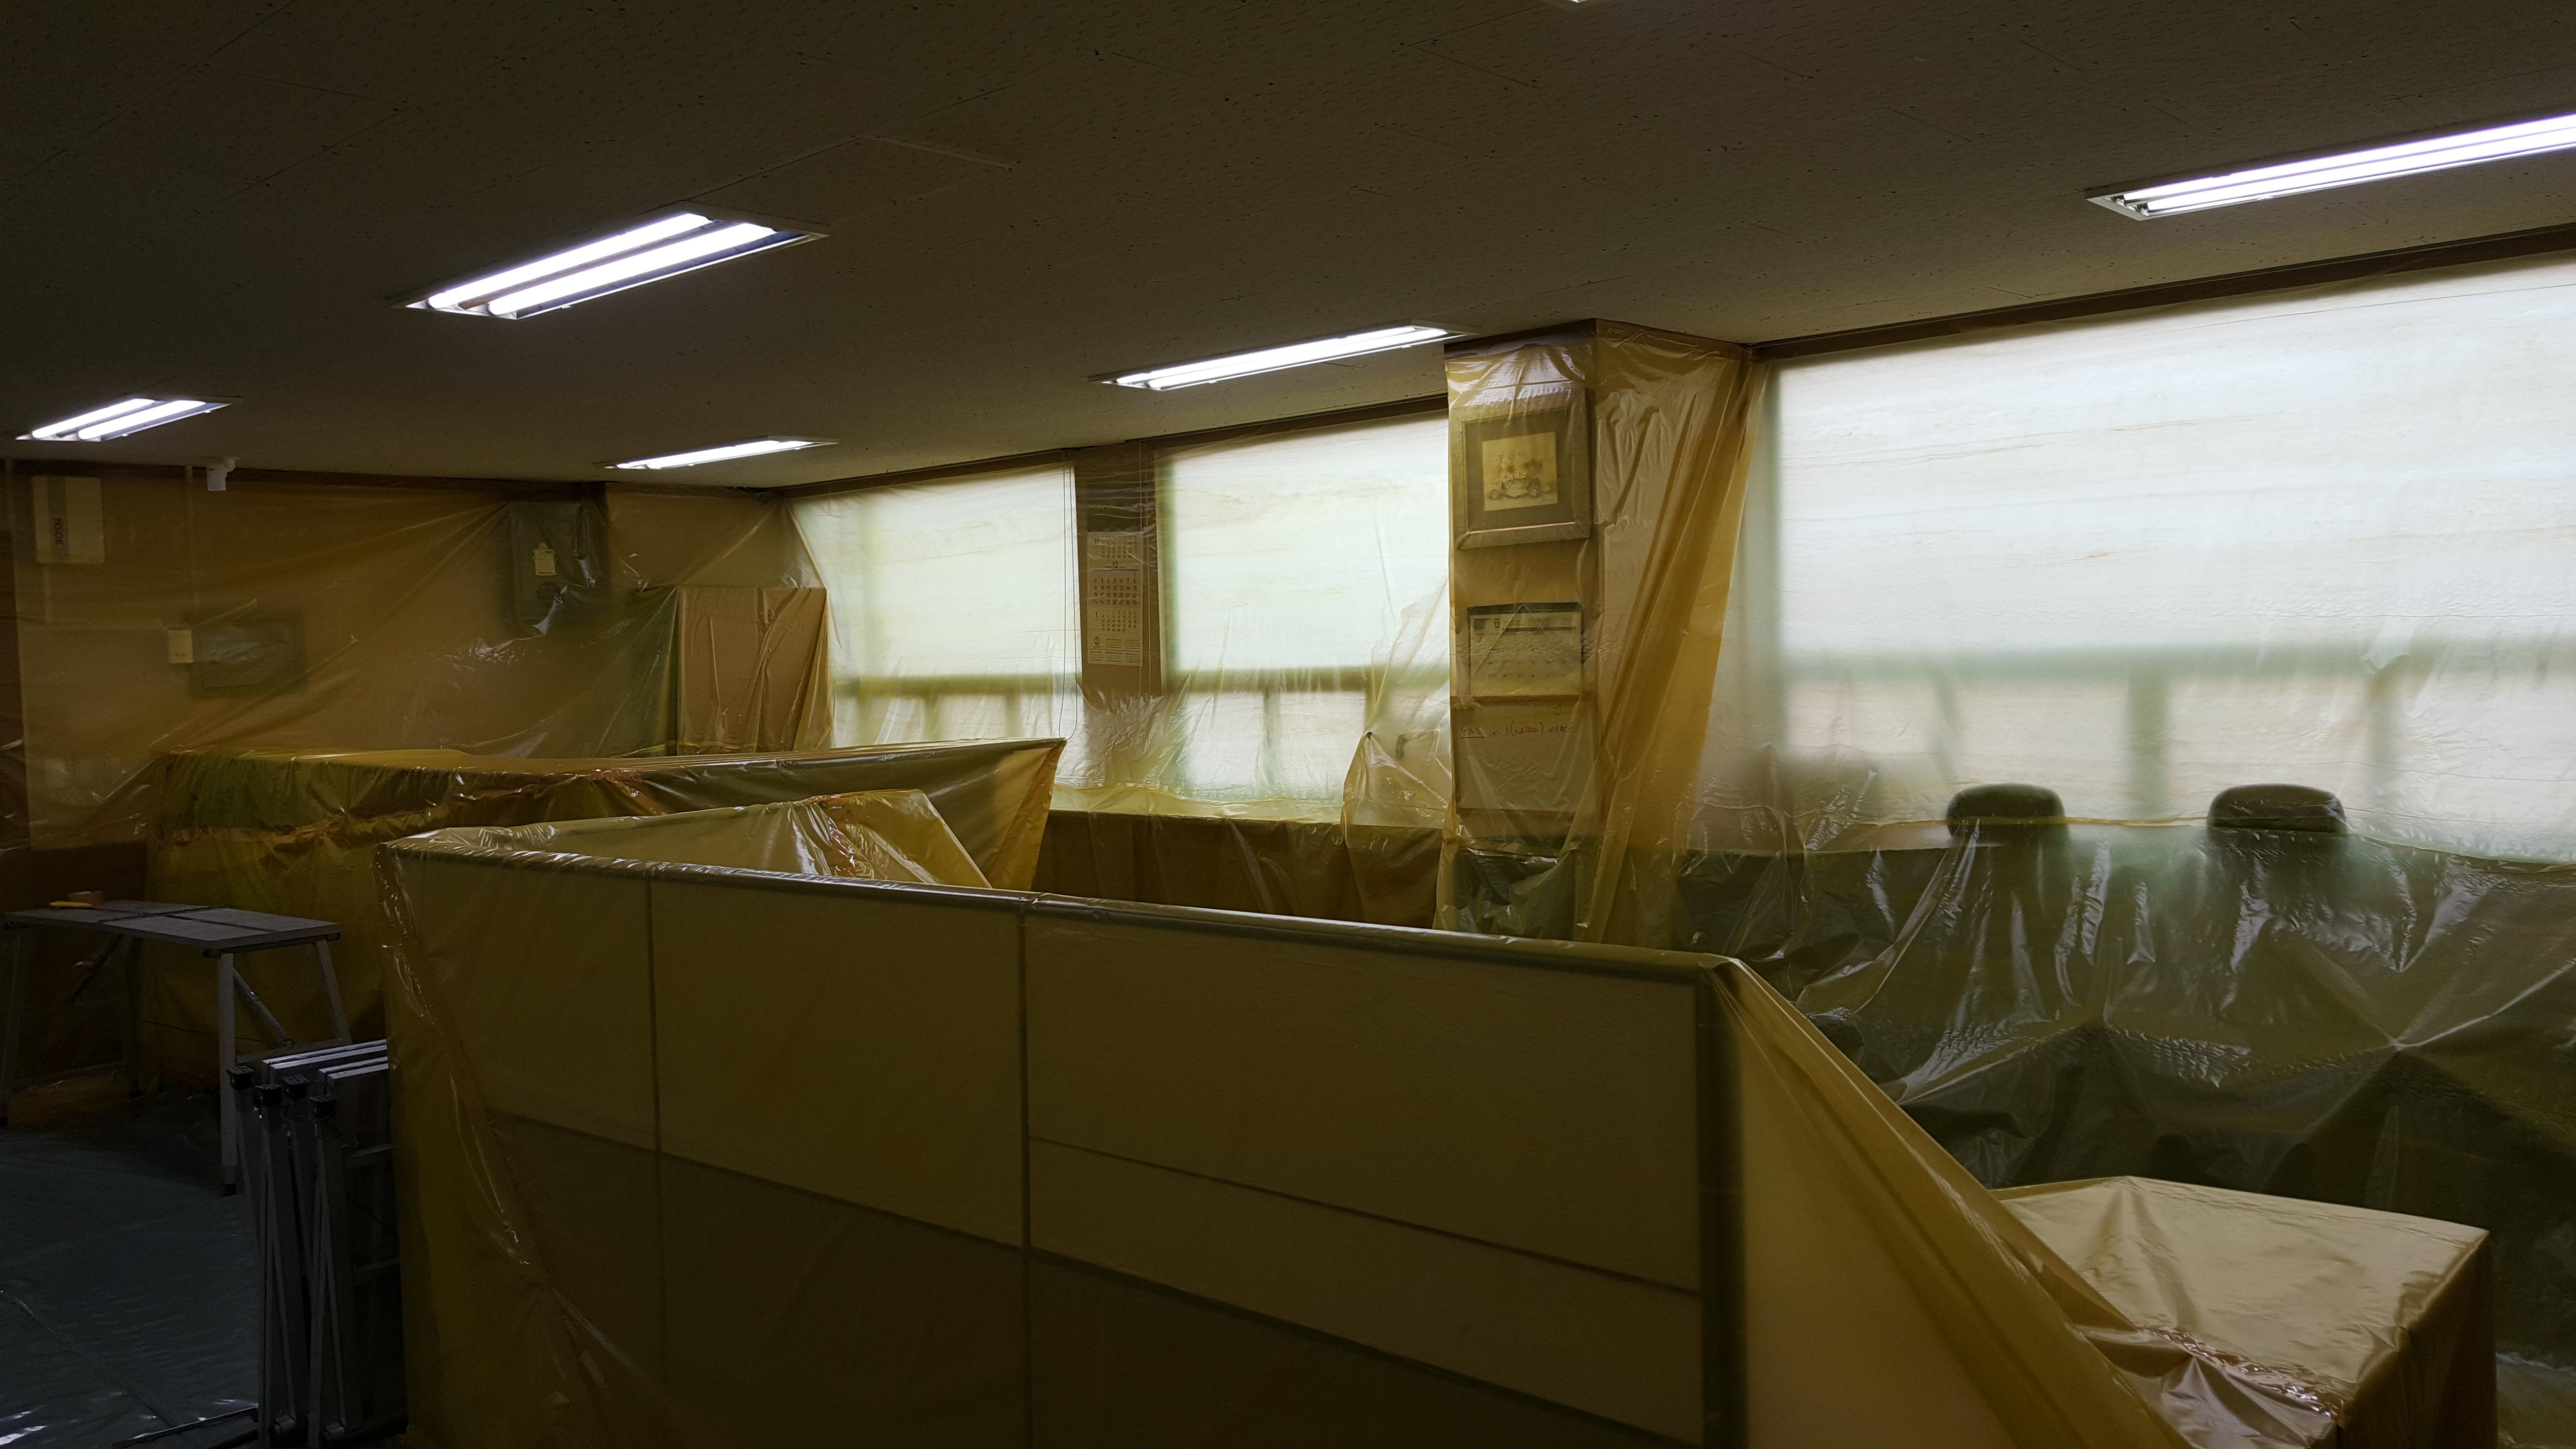 6 번째 사진  에  연면적94.68 ㎡ 부산시 영도구 해양로 공장사무실 2차 천장텍스 석면해체 제거